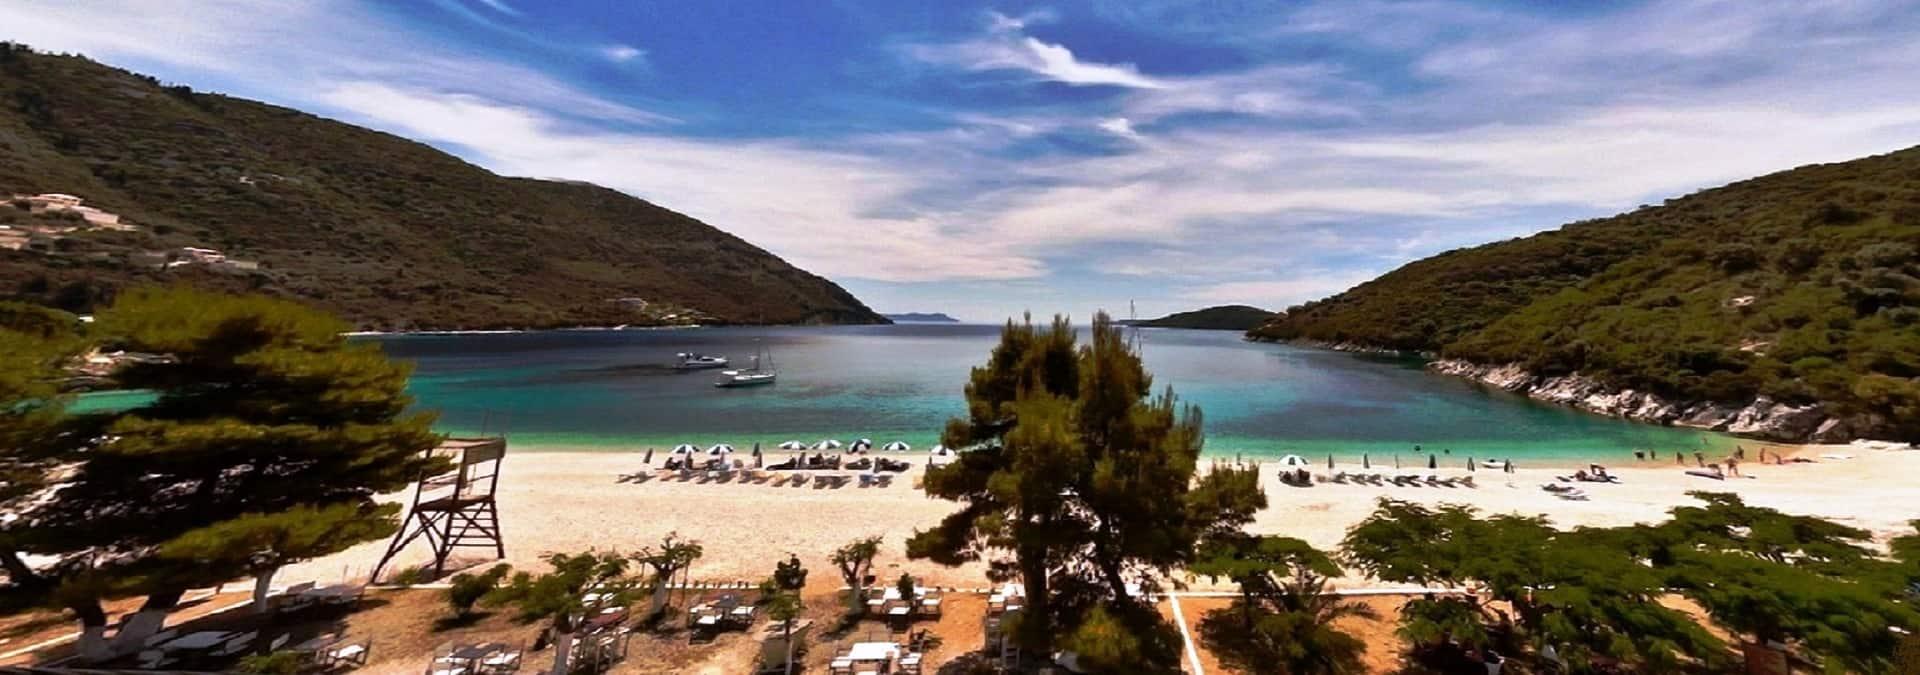 Rouda-Bay-Beach-1